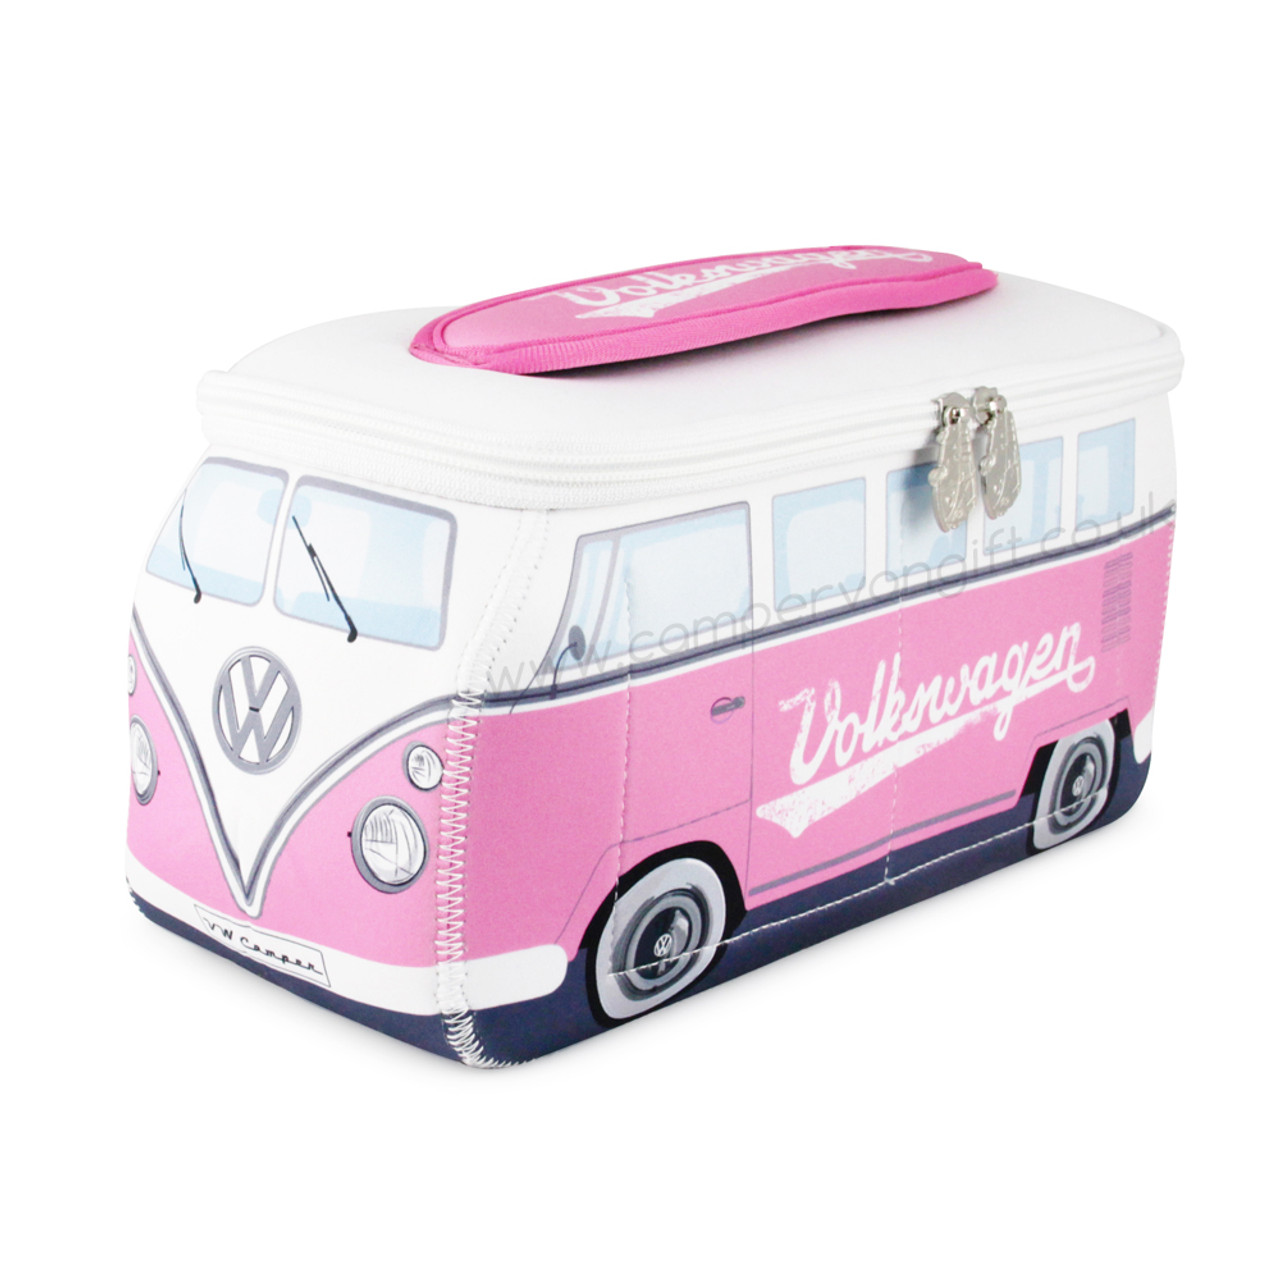 1e145edfcc75 VW Pink Campervan Universal Neoprene Wash Bag - Highly Versatile Camper Bag